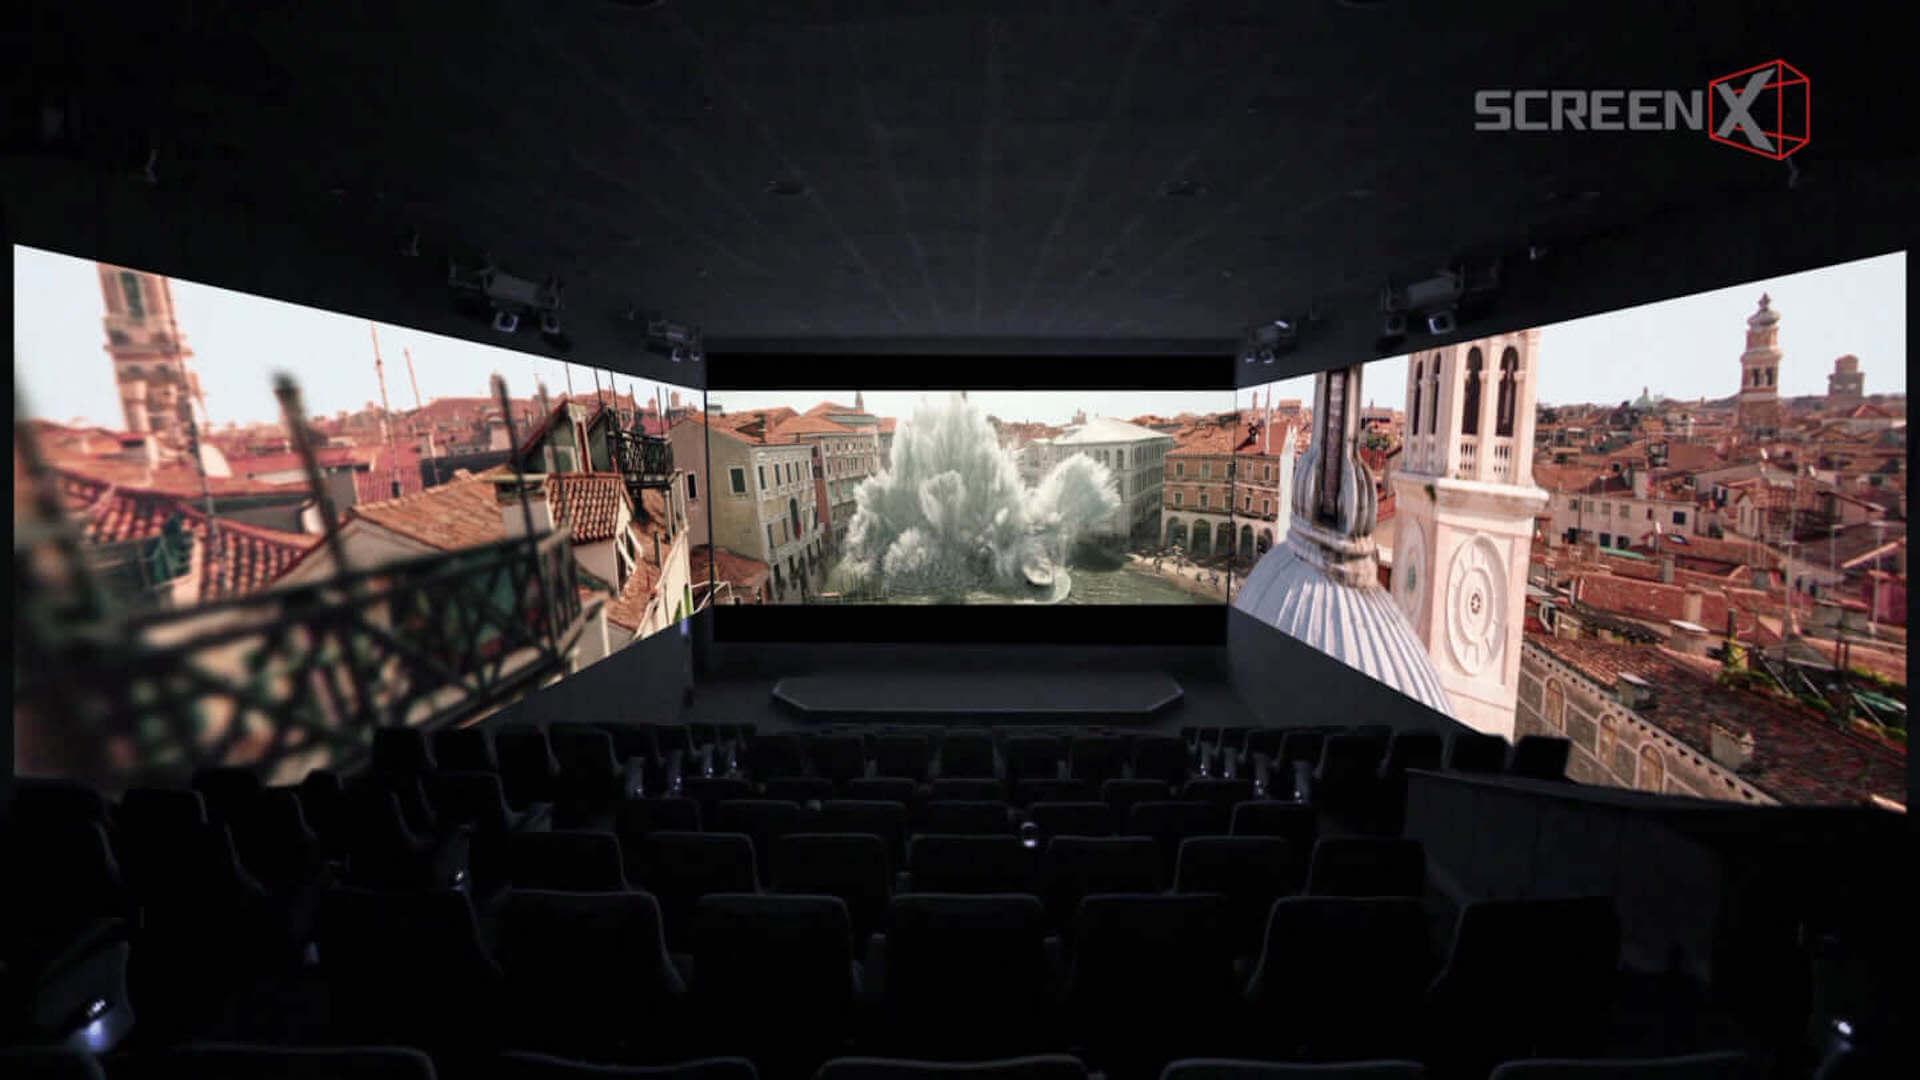 話題の『スパイダーマン:ファー・フロム・ホーム』4DX with ScreenXがロングラン上映決定! film190726_sffh_4dx_1-1920x1080